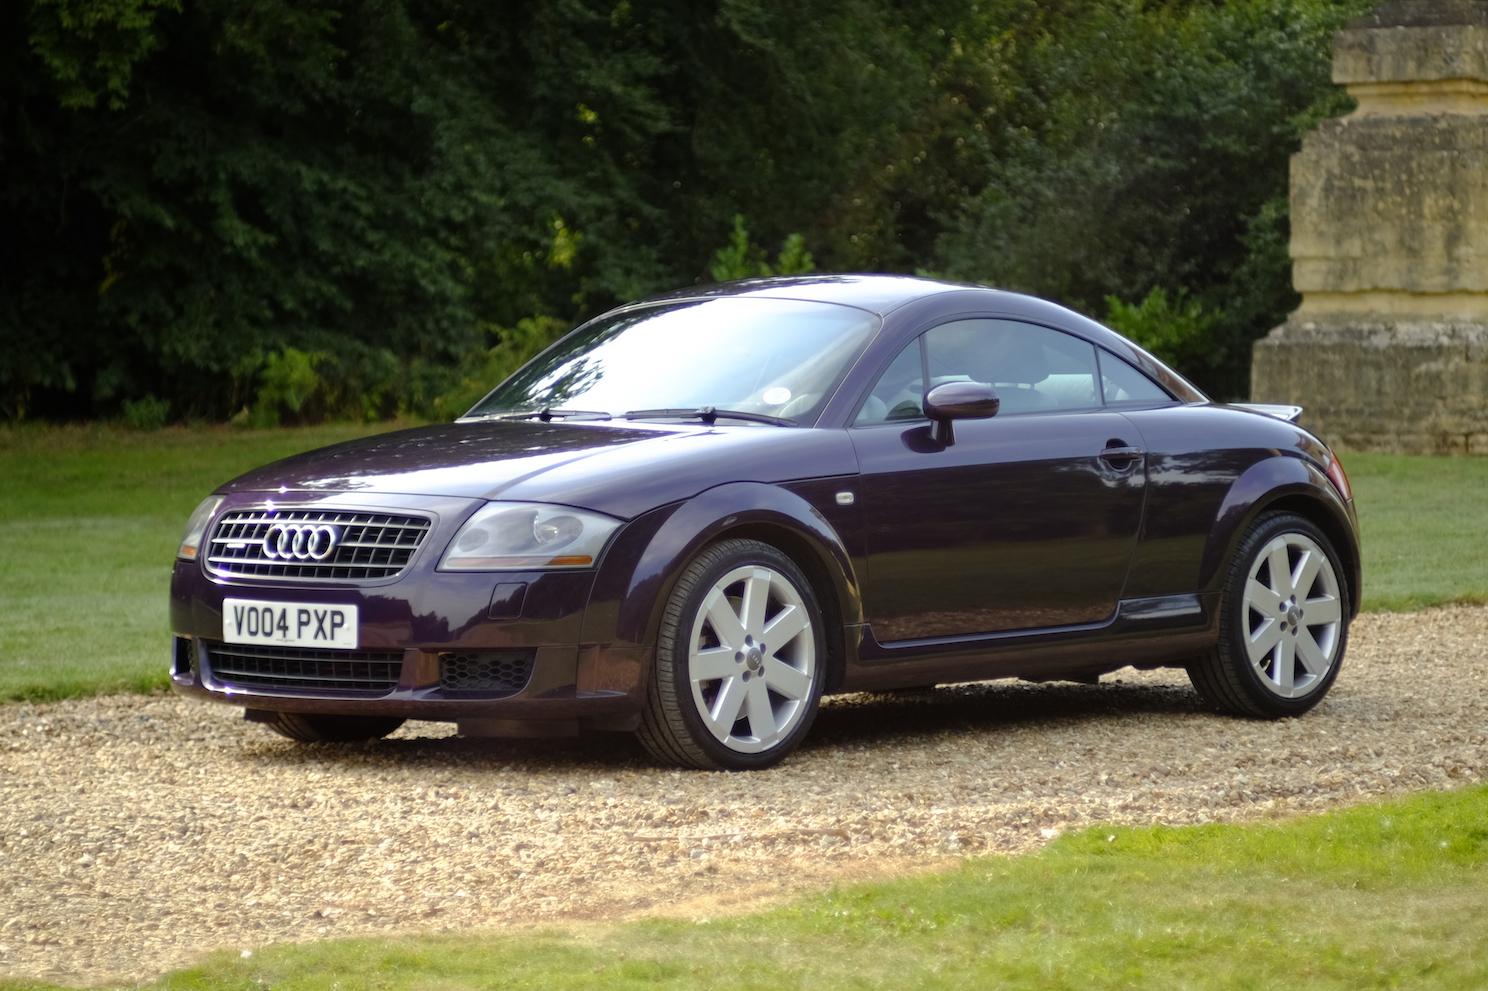 Kekurangan Audi Tt 2004 Harga